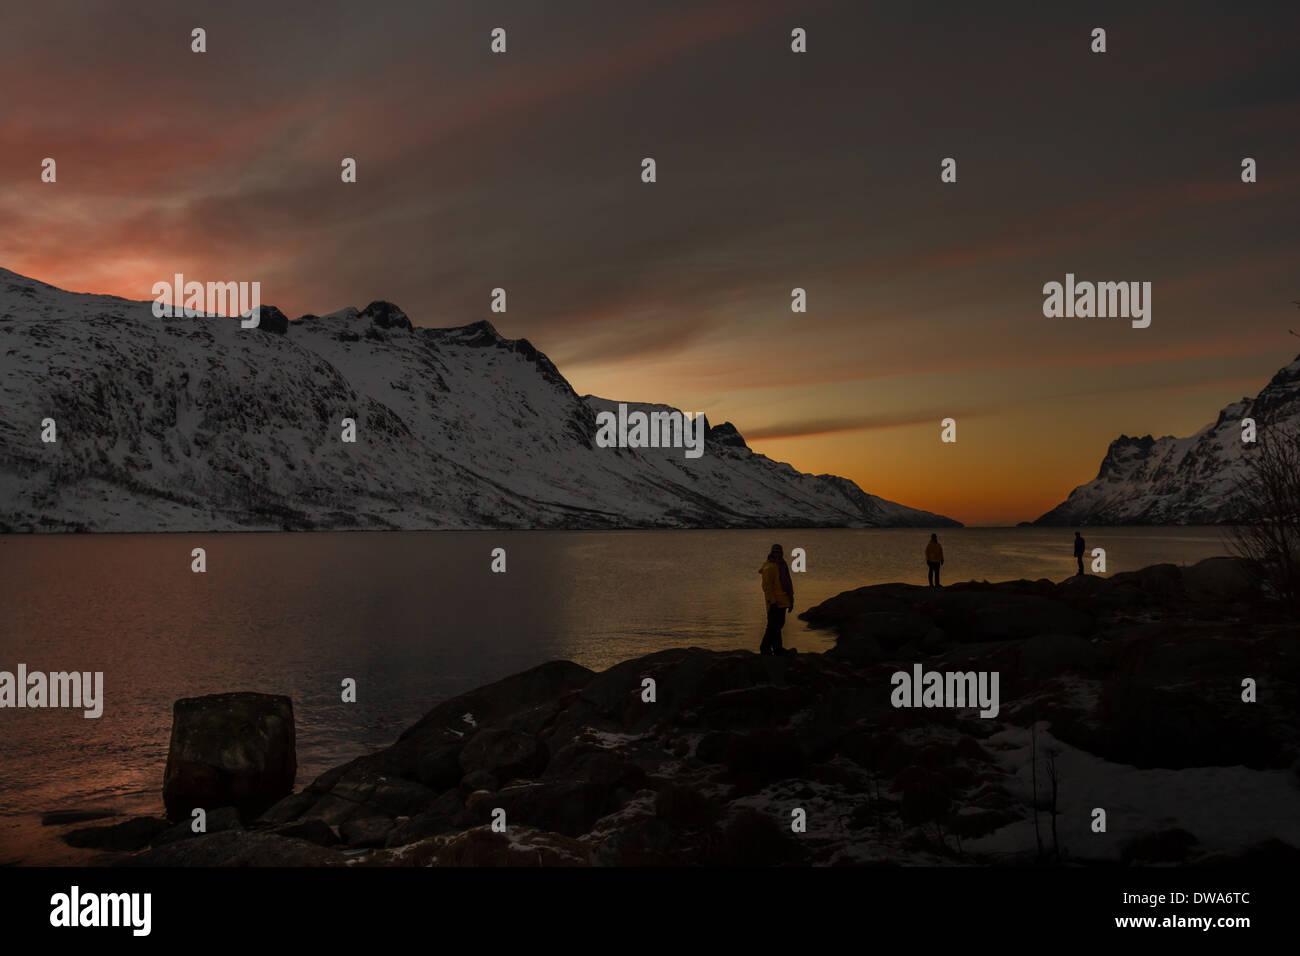 Norwegen Landschaft: 3 Personen gegen die untergehende Sonne auf einer der norwegischen Fjorde an einem Winterabend mit einer Bergkulisse Silhouette Stockbild